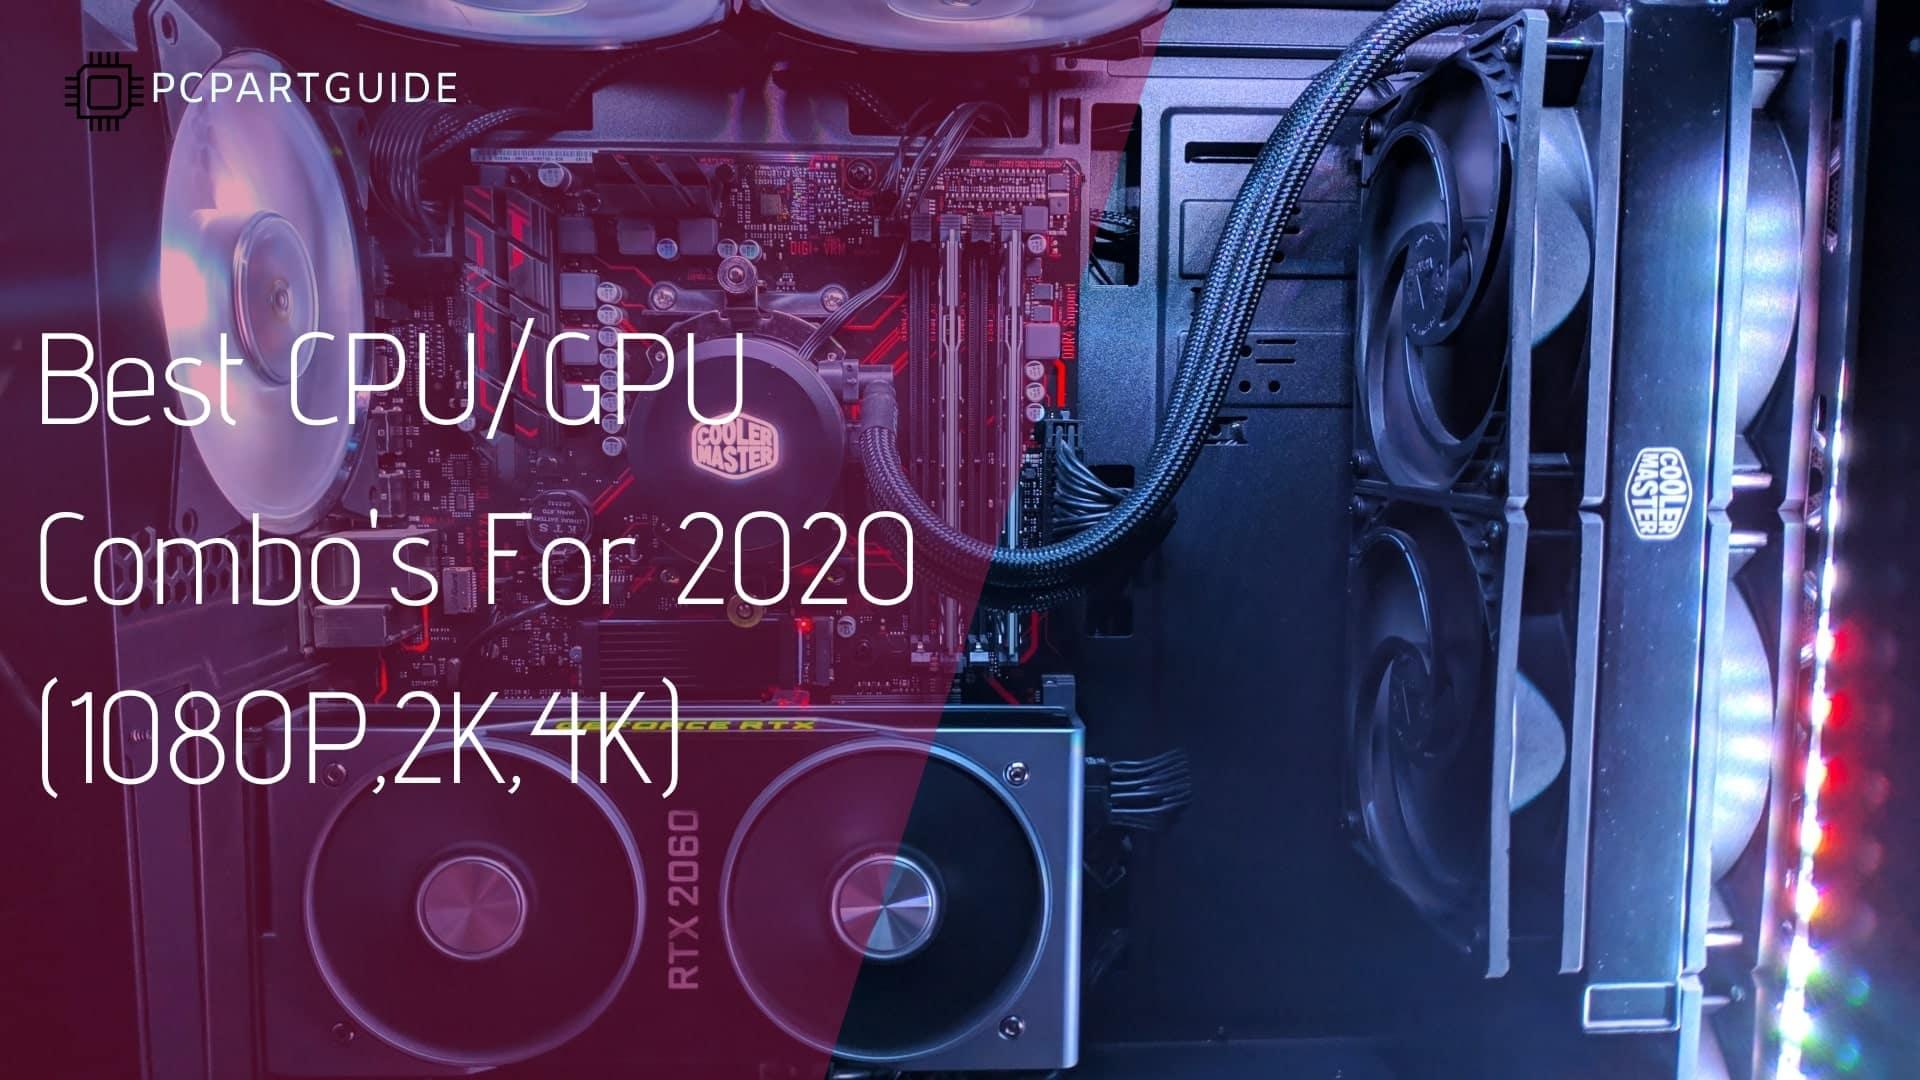 Best CPU/GPU Combos (1080P,2K,4K) 2021